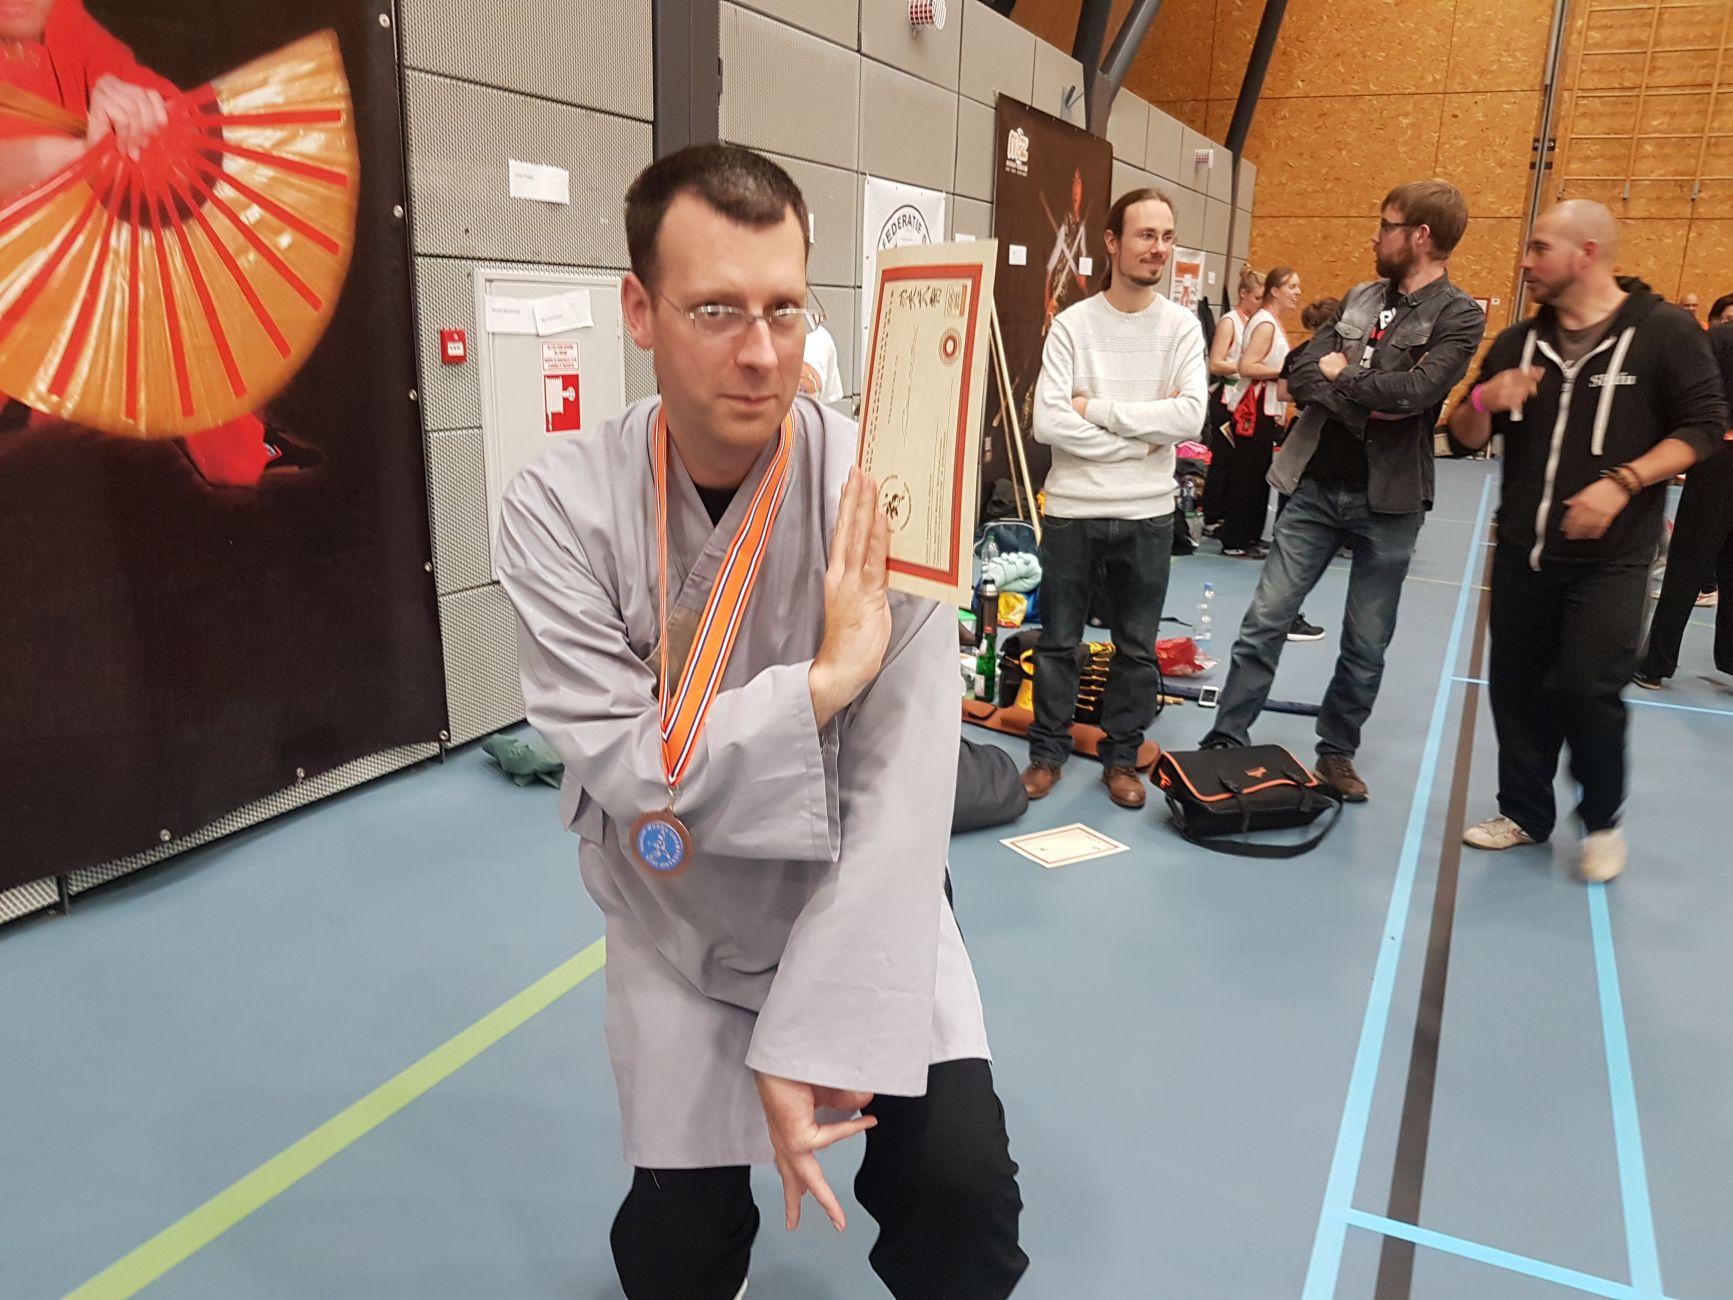 Vechtsporter Douwe ter Horst pakte Brons in Hoensbroek